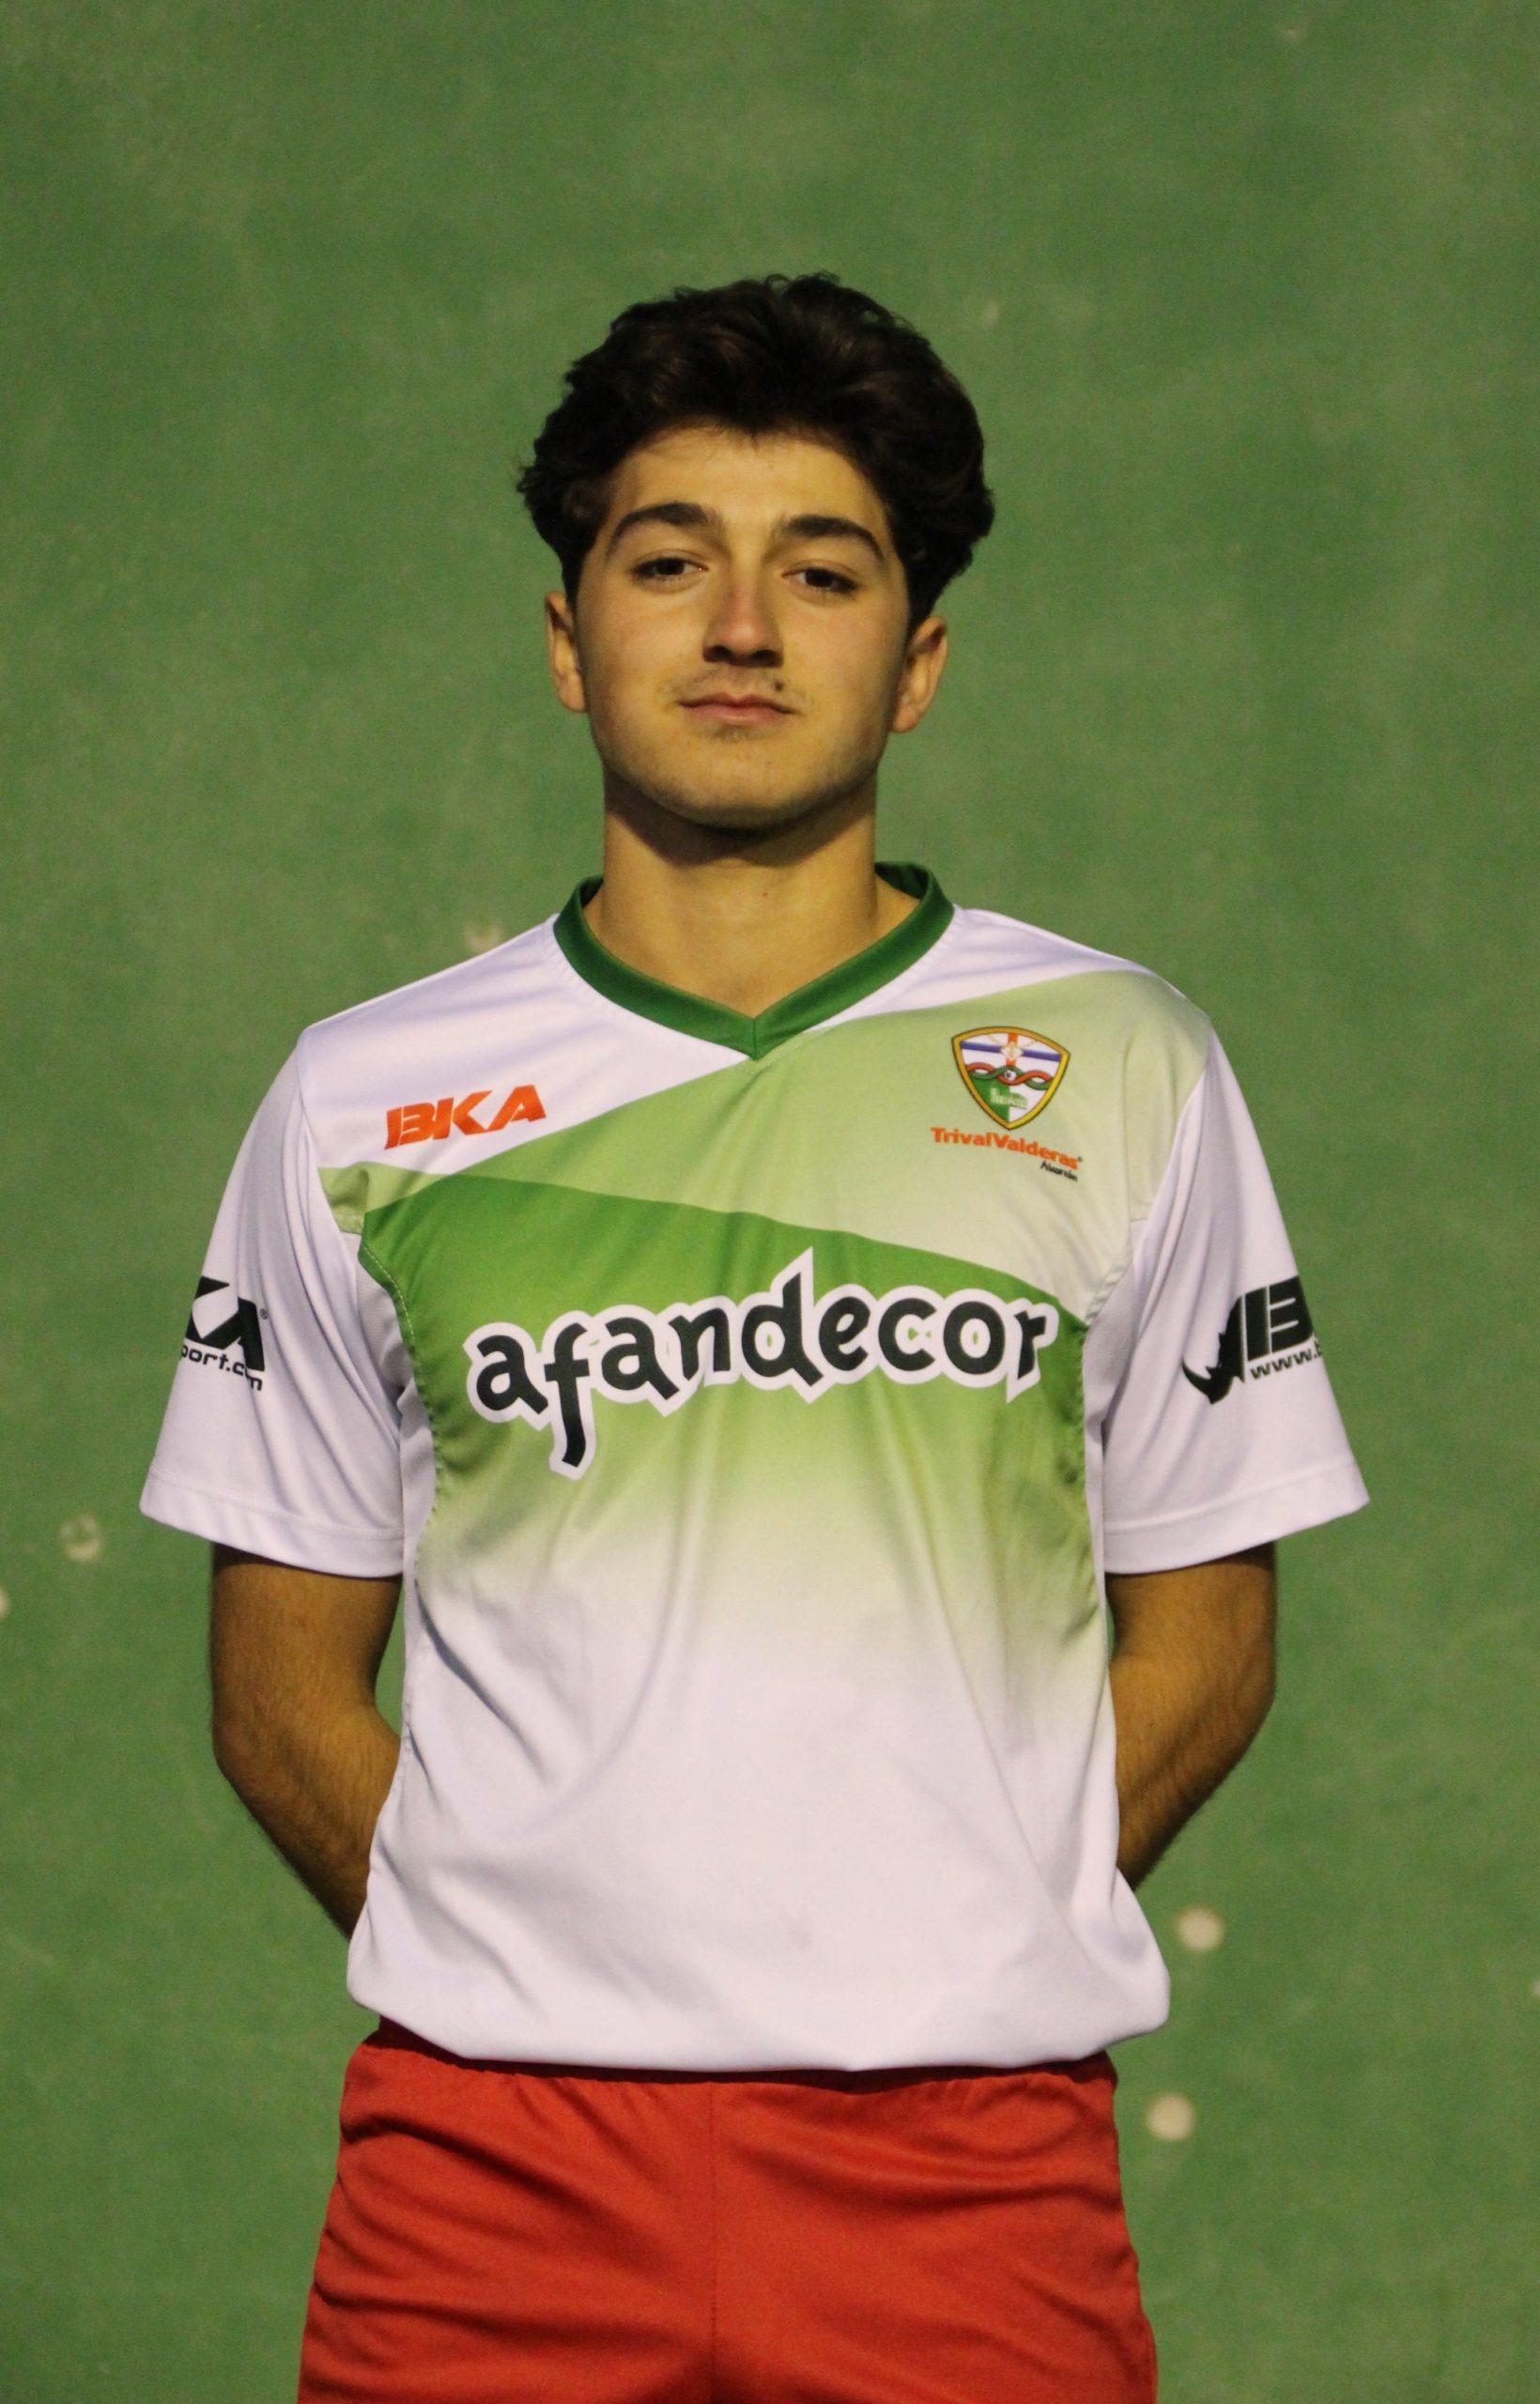 Javier Visedo Priego